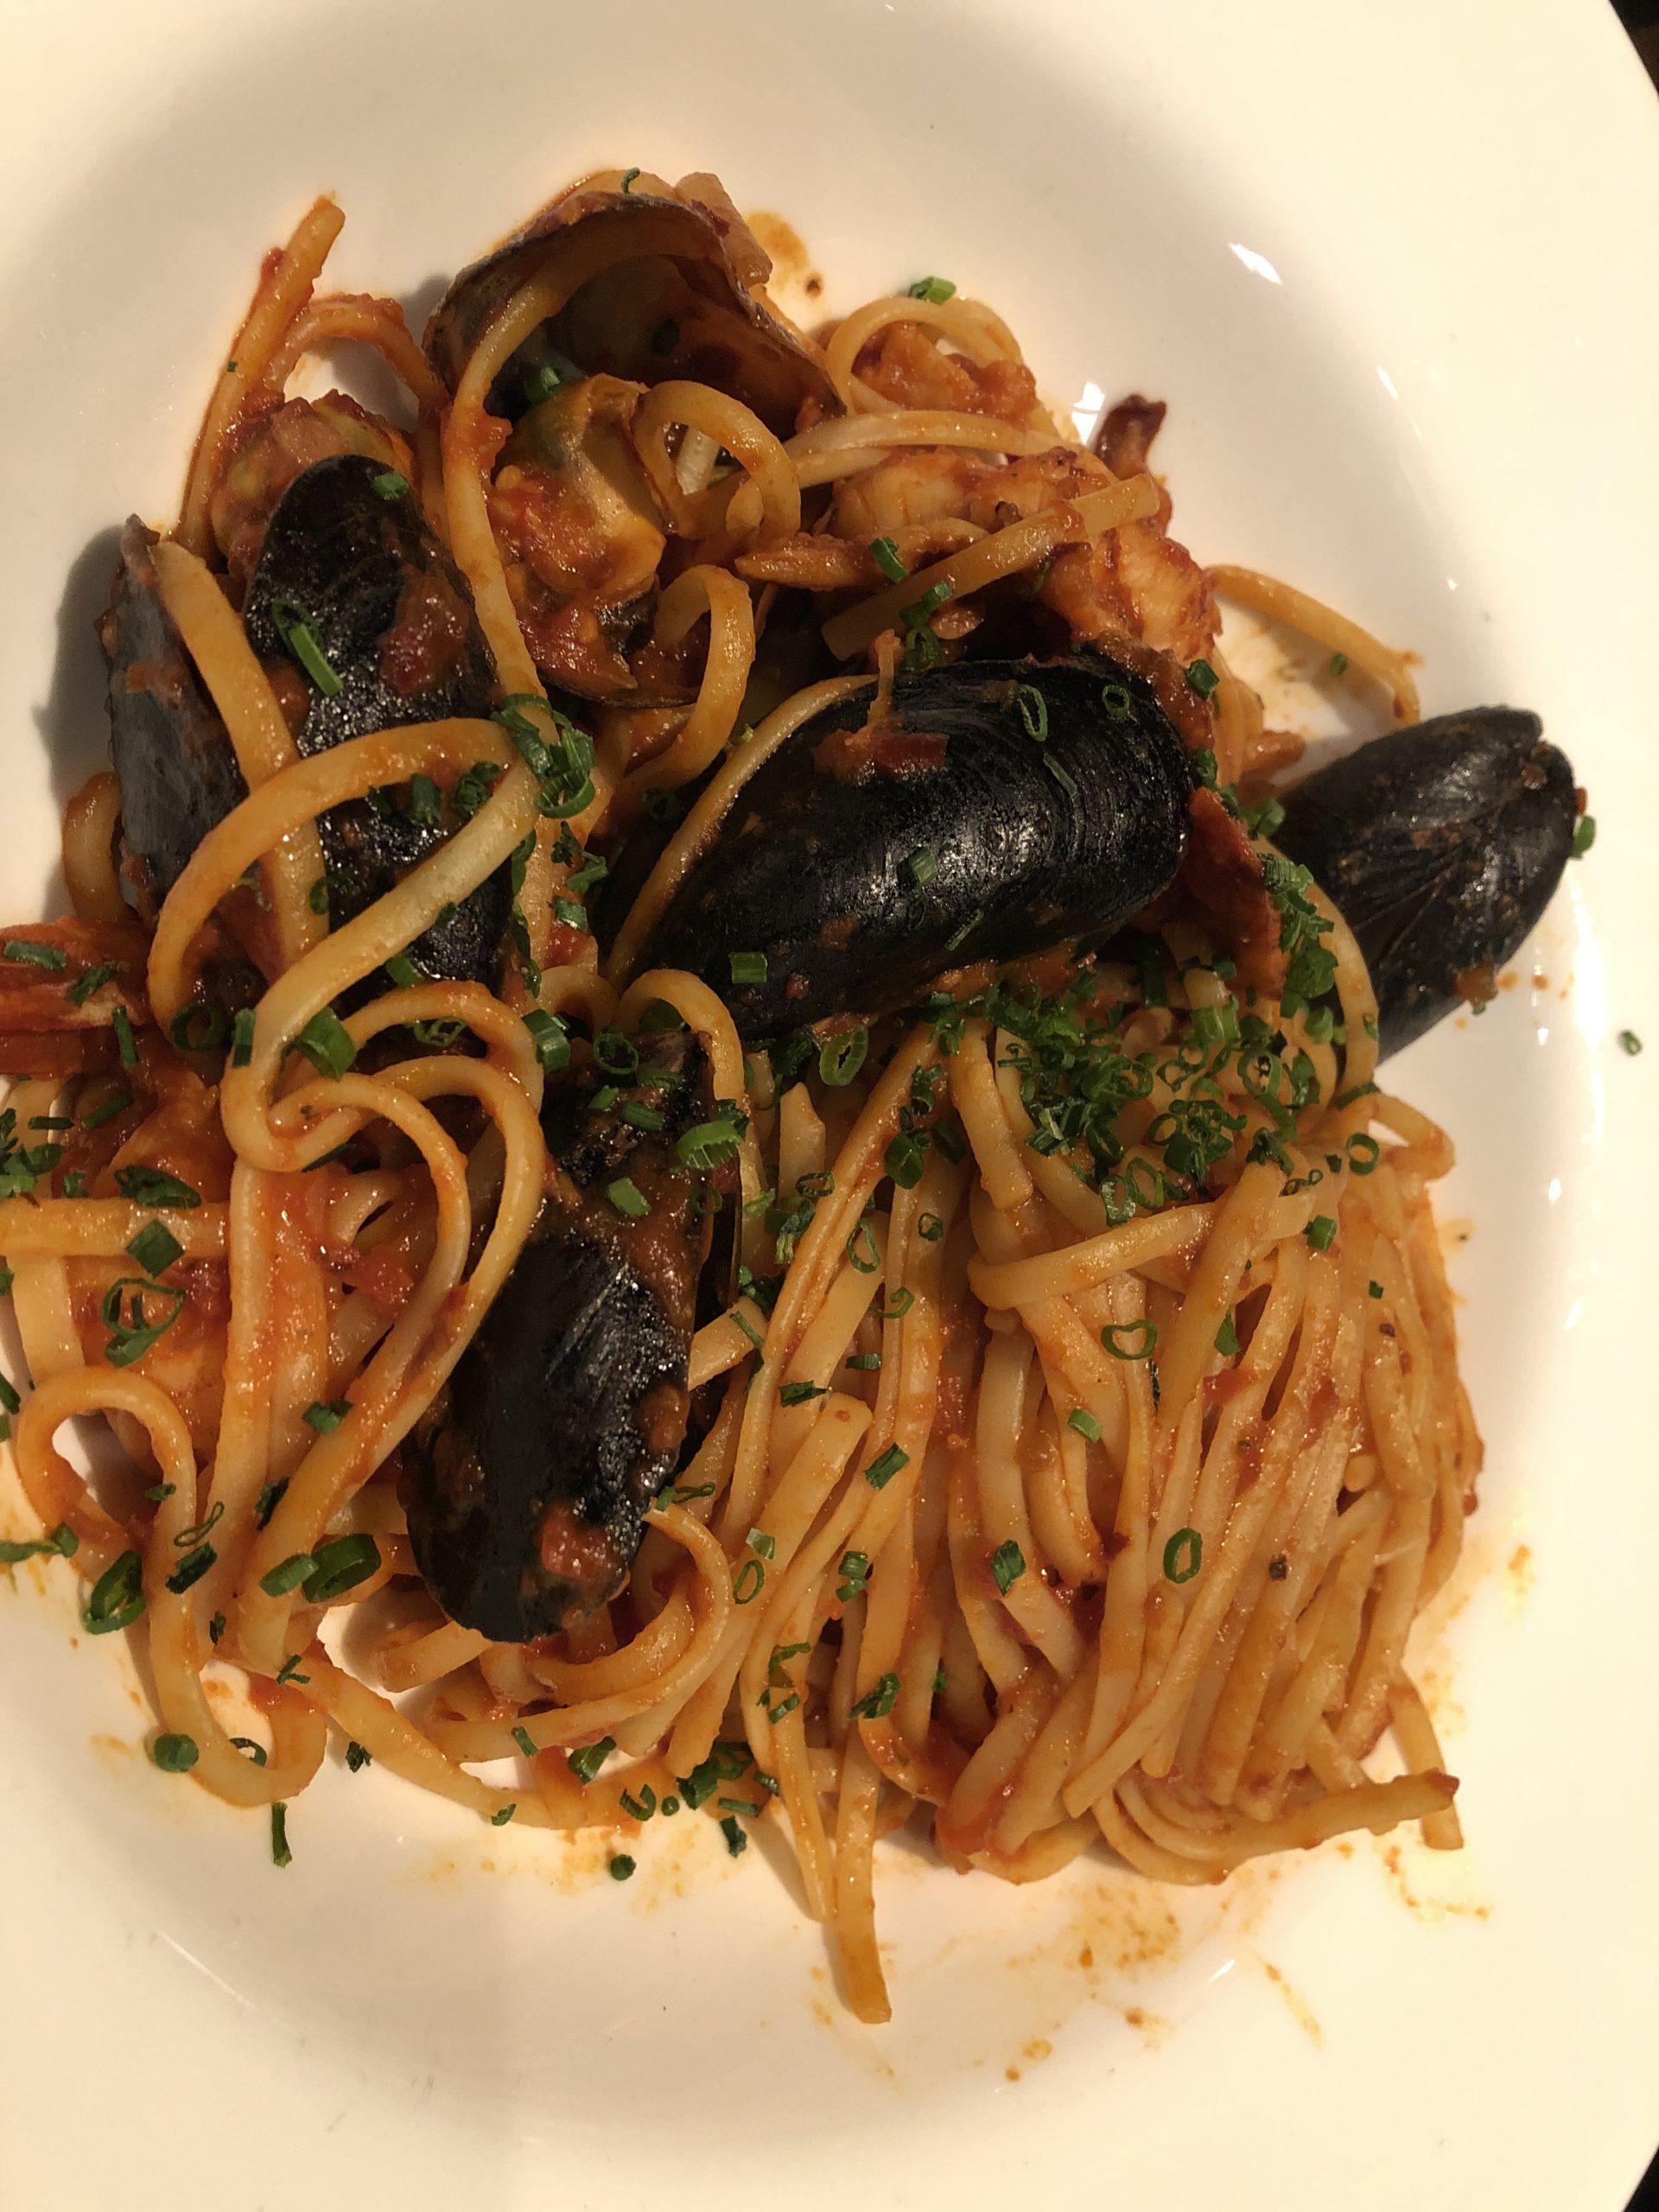 Seafood linguini at Toscanini